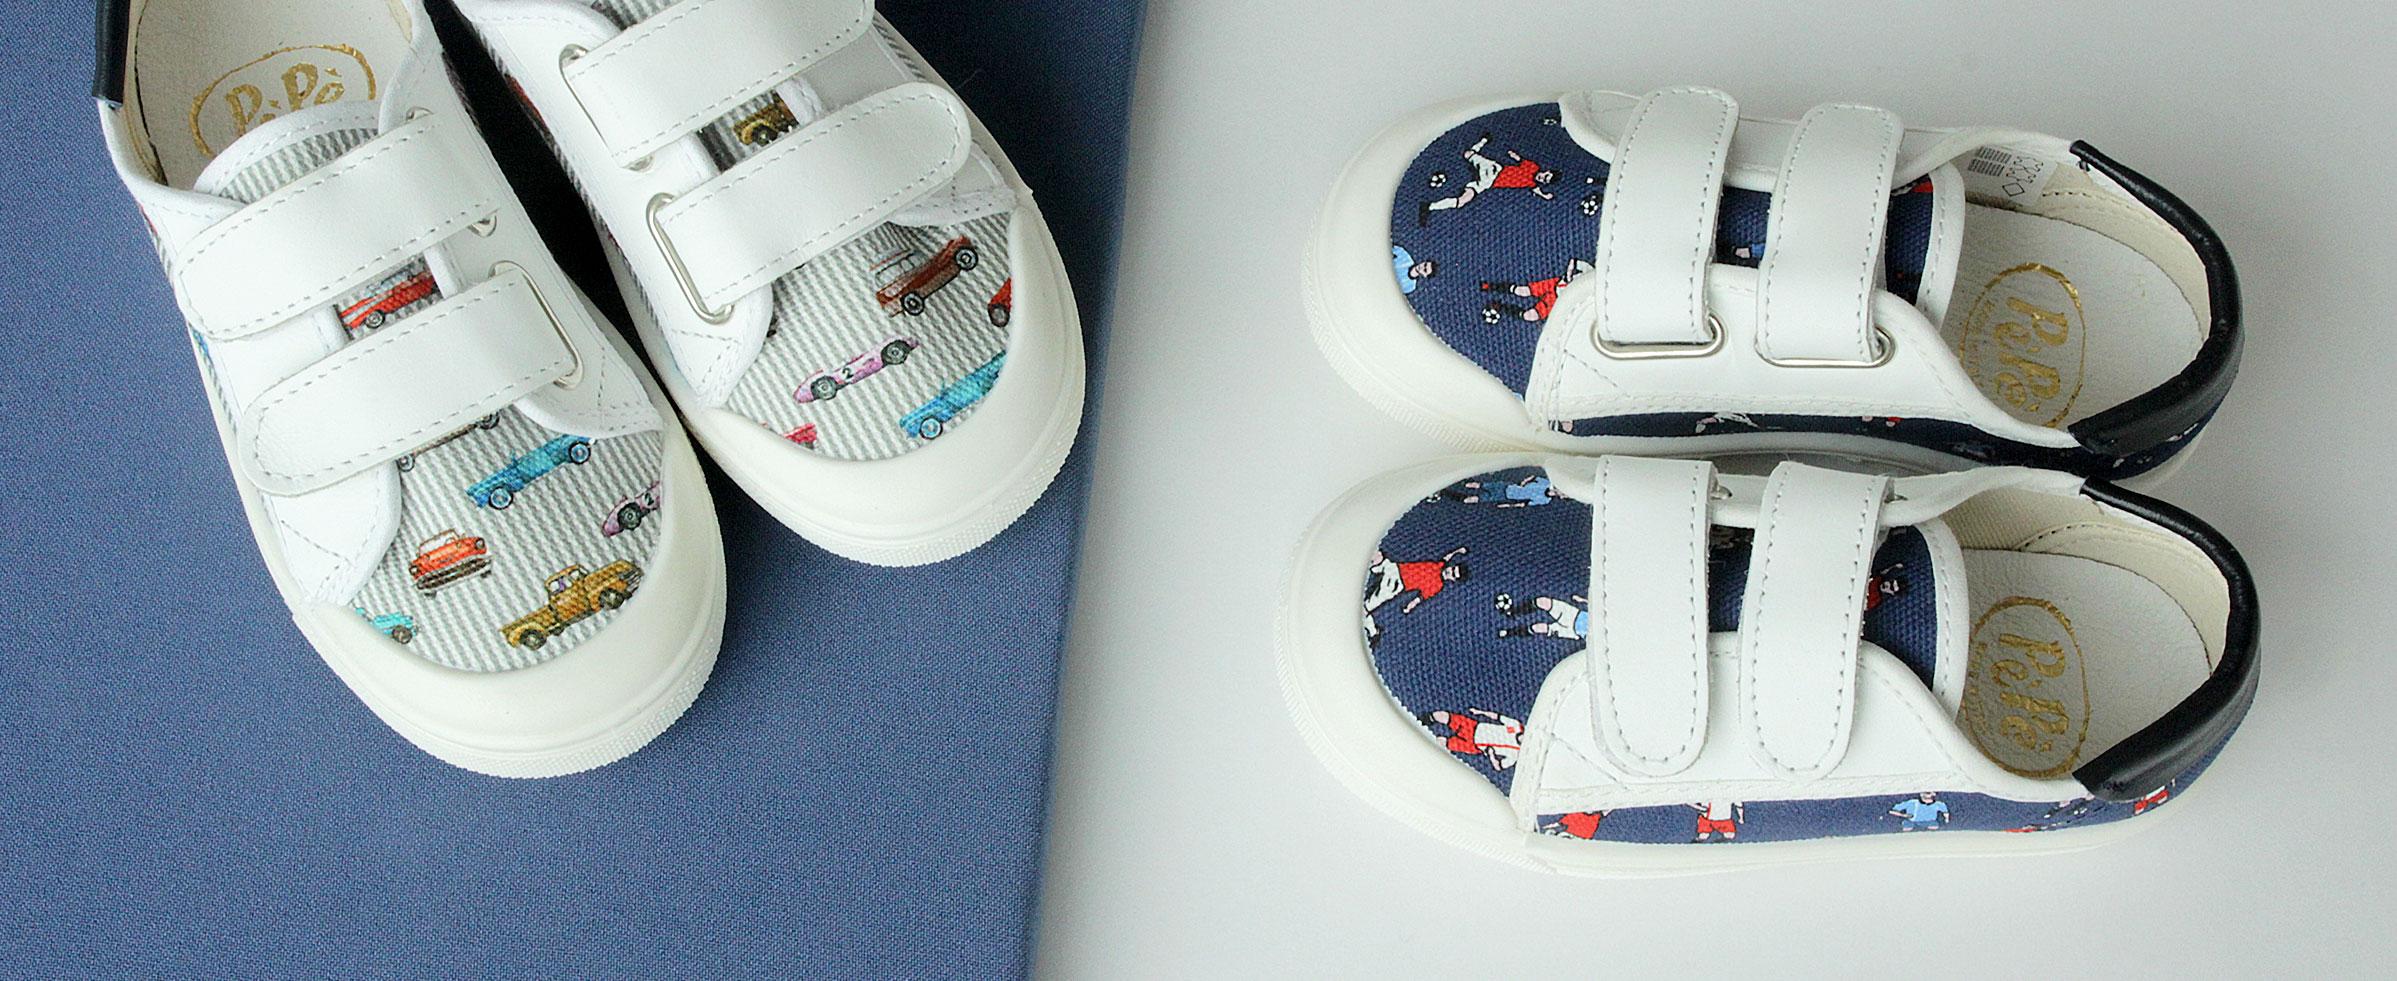 Kinderschoenen Belgie.Raaf En Vos Hippe Kinderschoenen Enzo Raaf En Vos